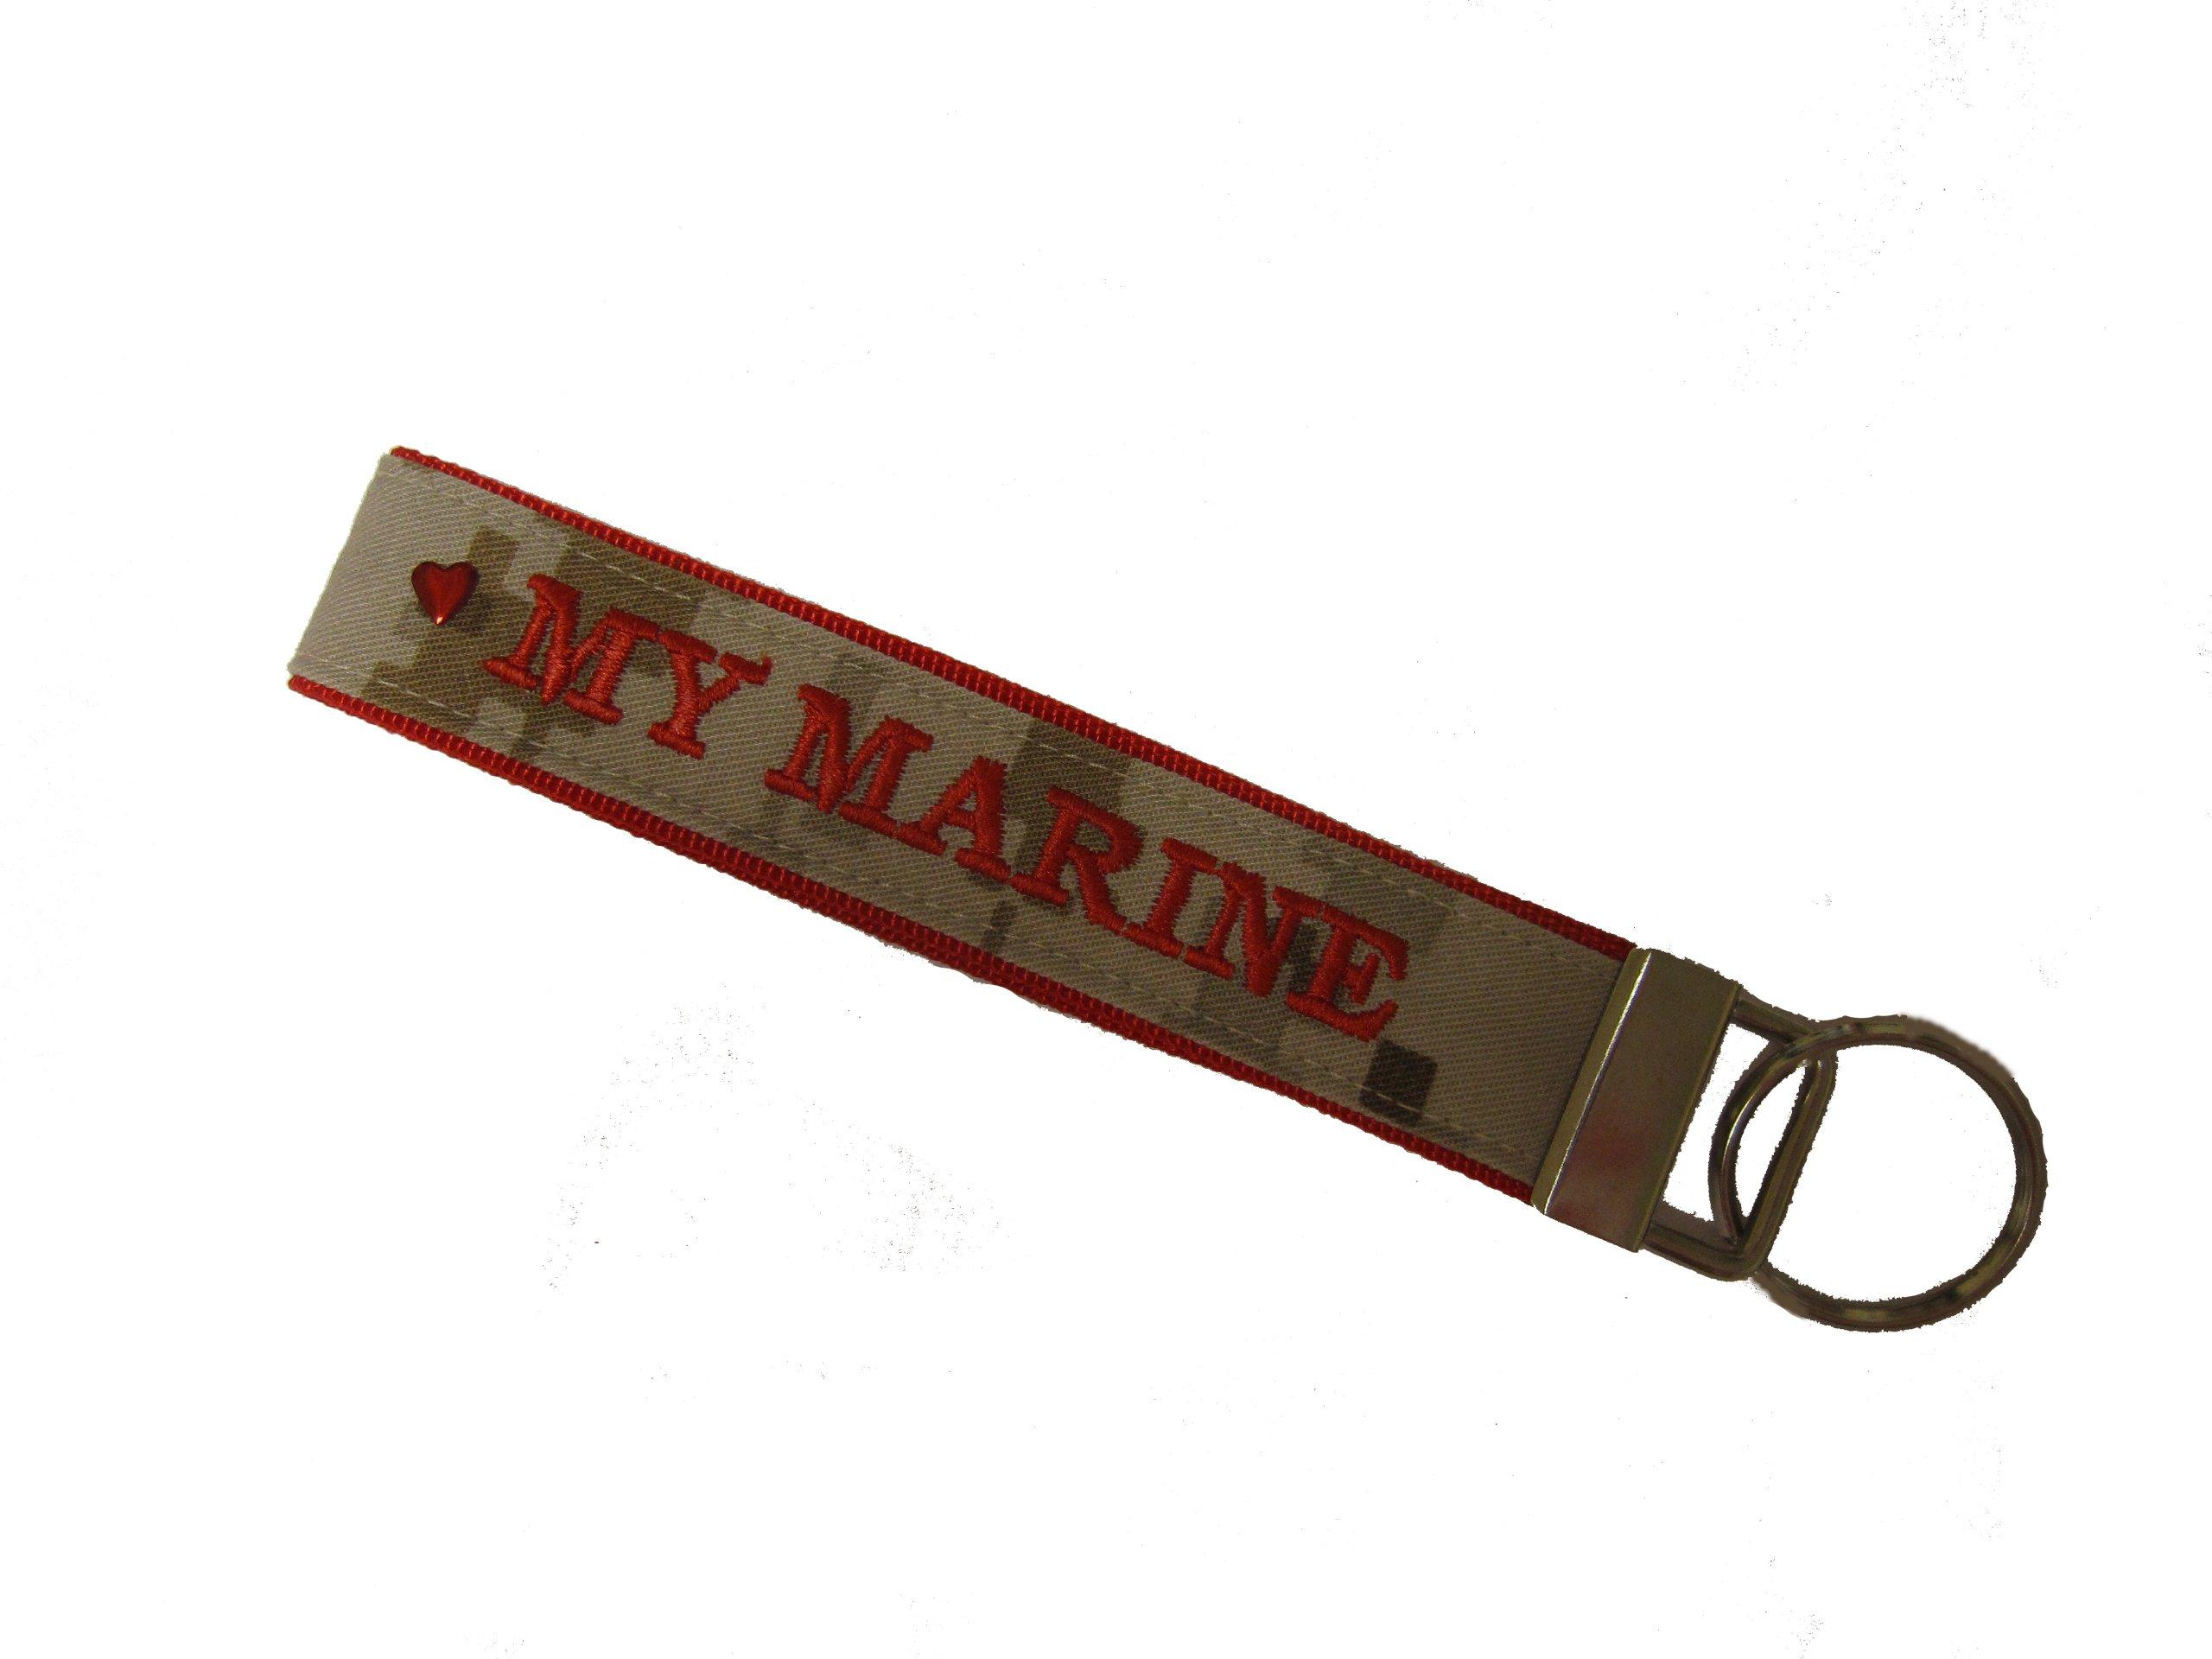 U.S. Marines Name Tape Key Chain, USMC Military Keychain, US Marine Corps Key Fob, Love my Marine Key Chain